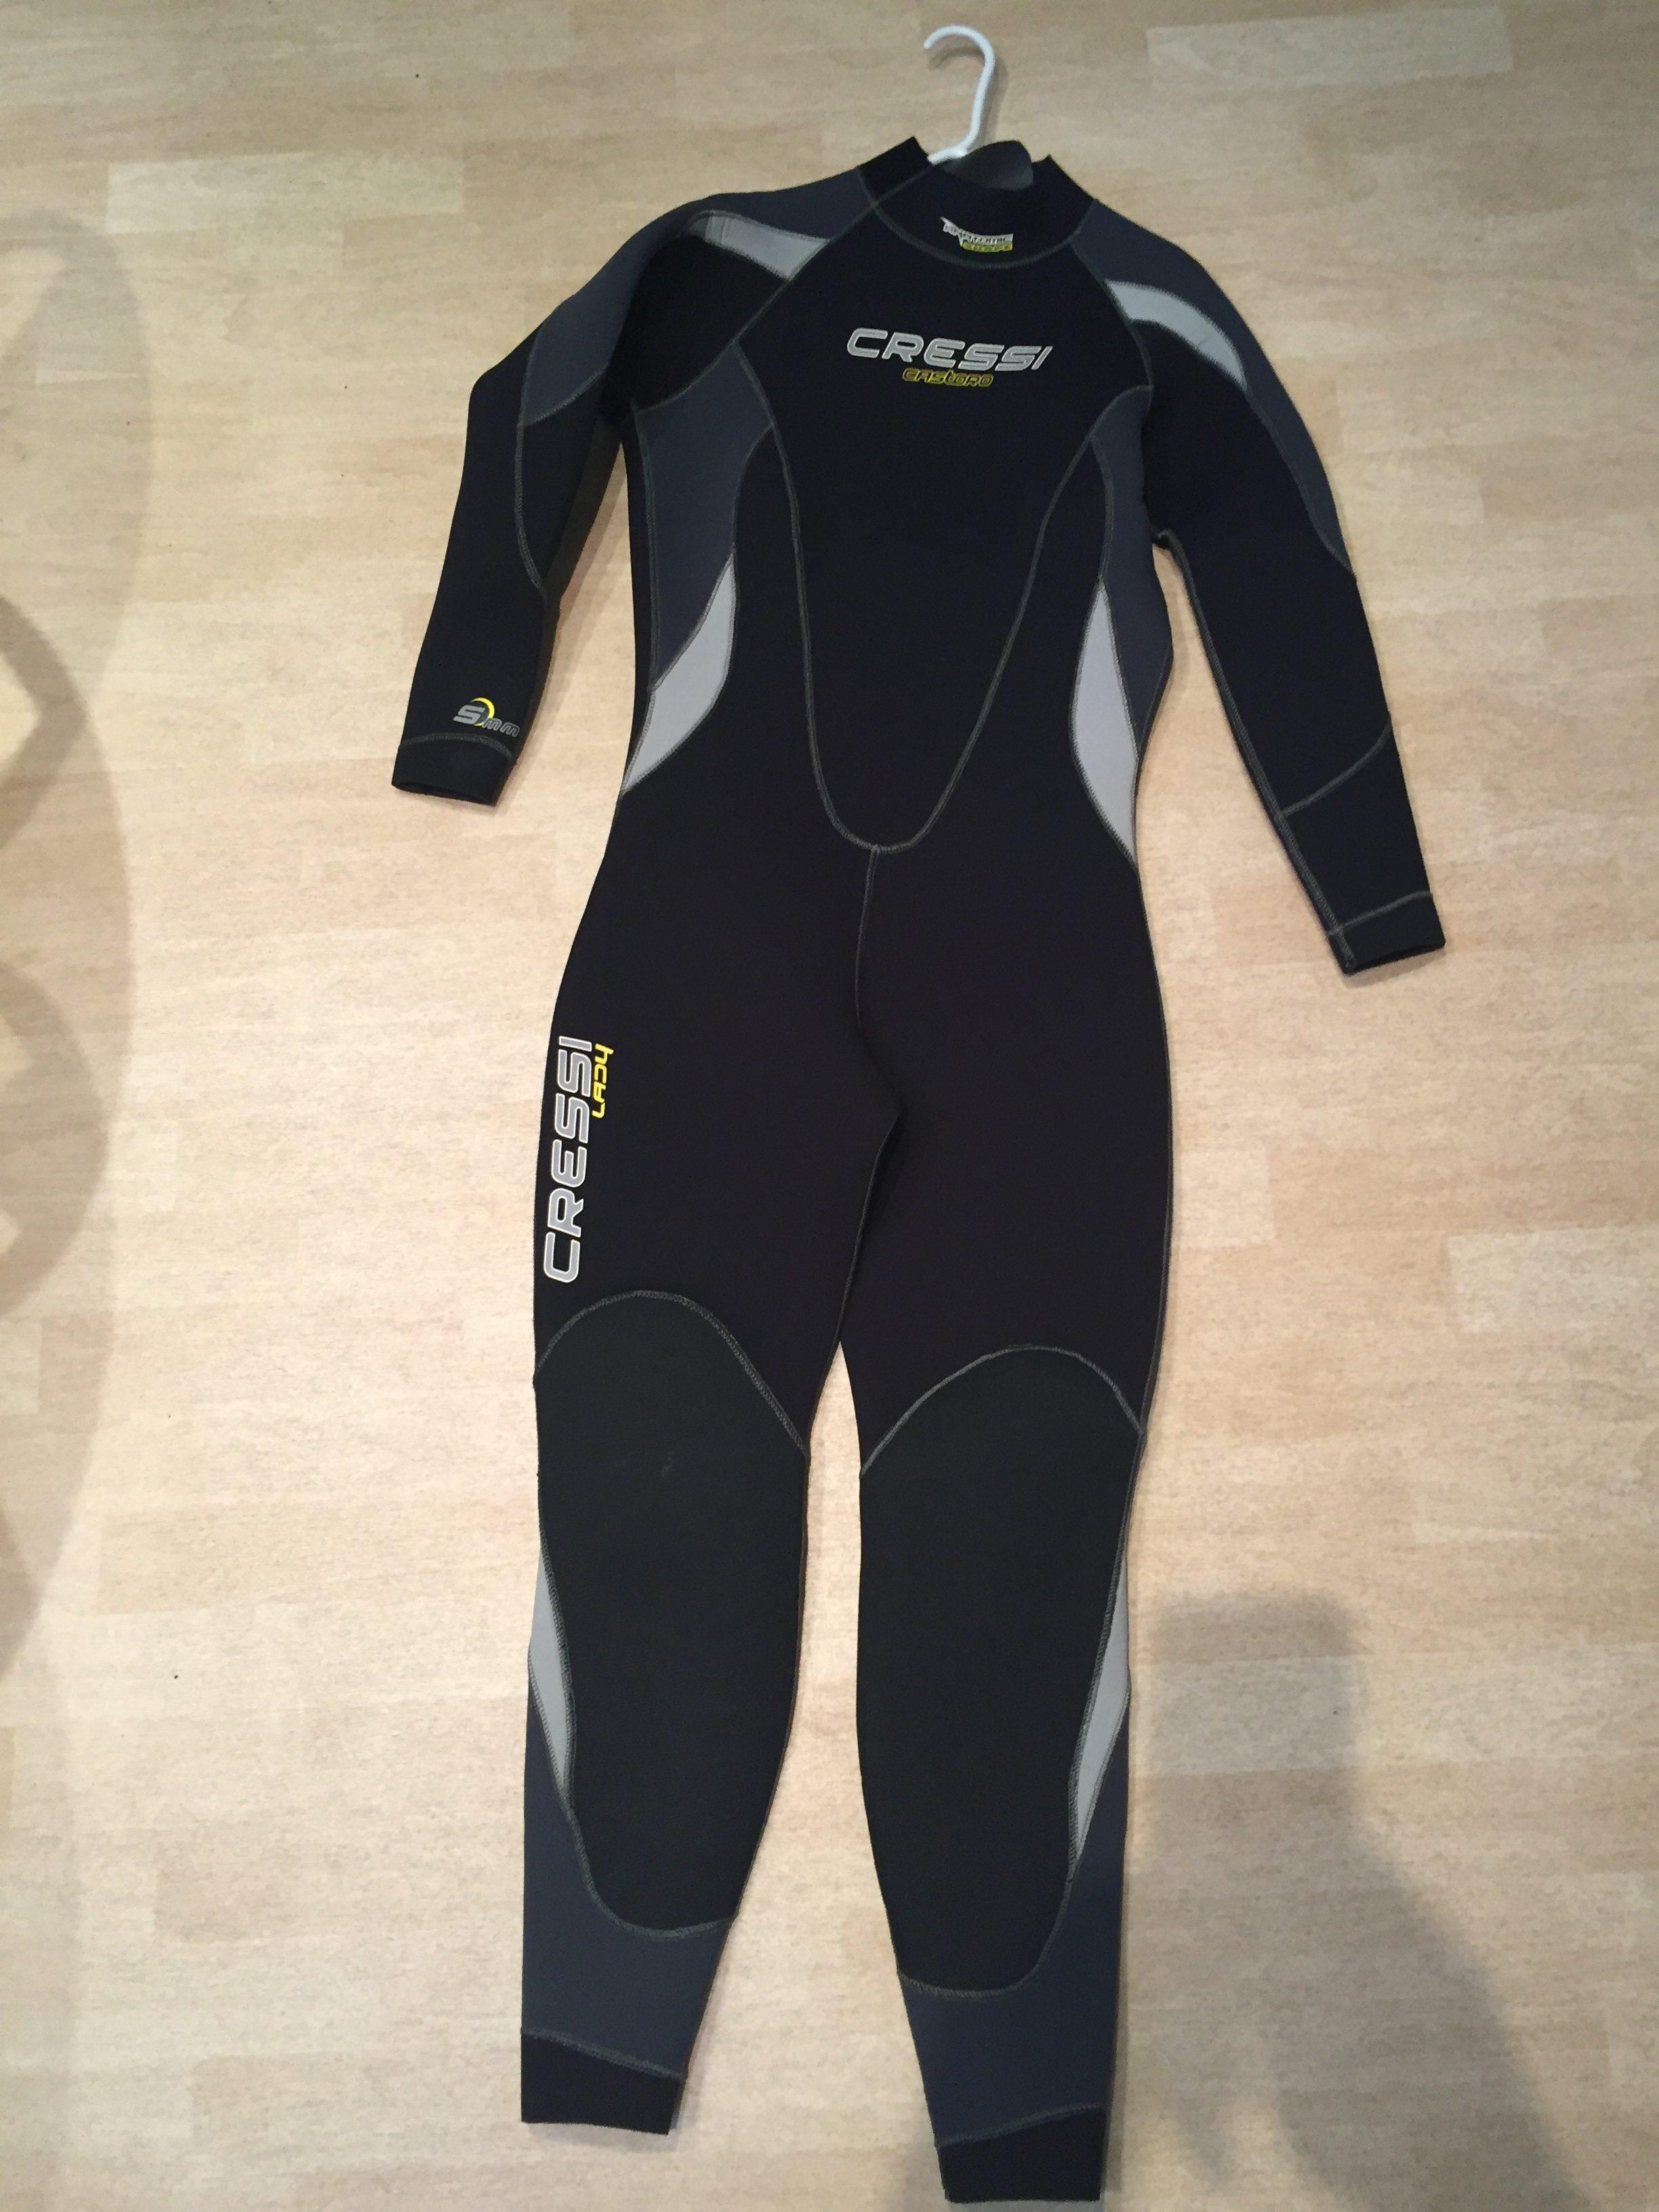 b90c168fe1 Cressi Castoro 5mm wetsuit